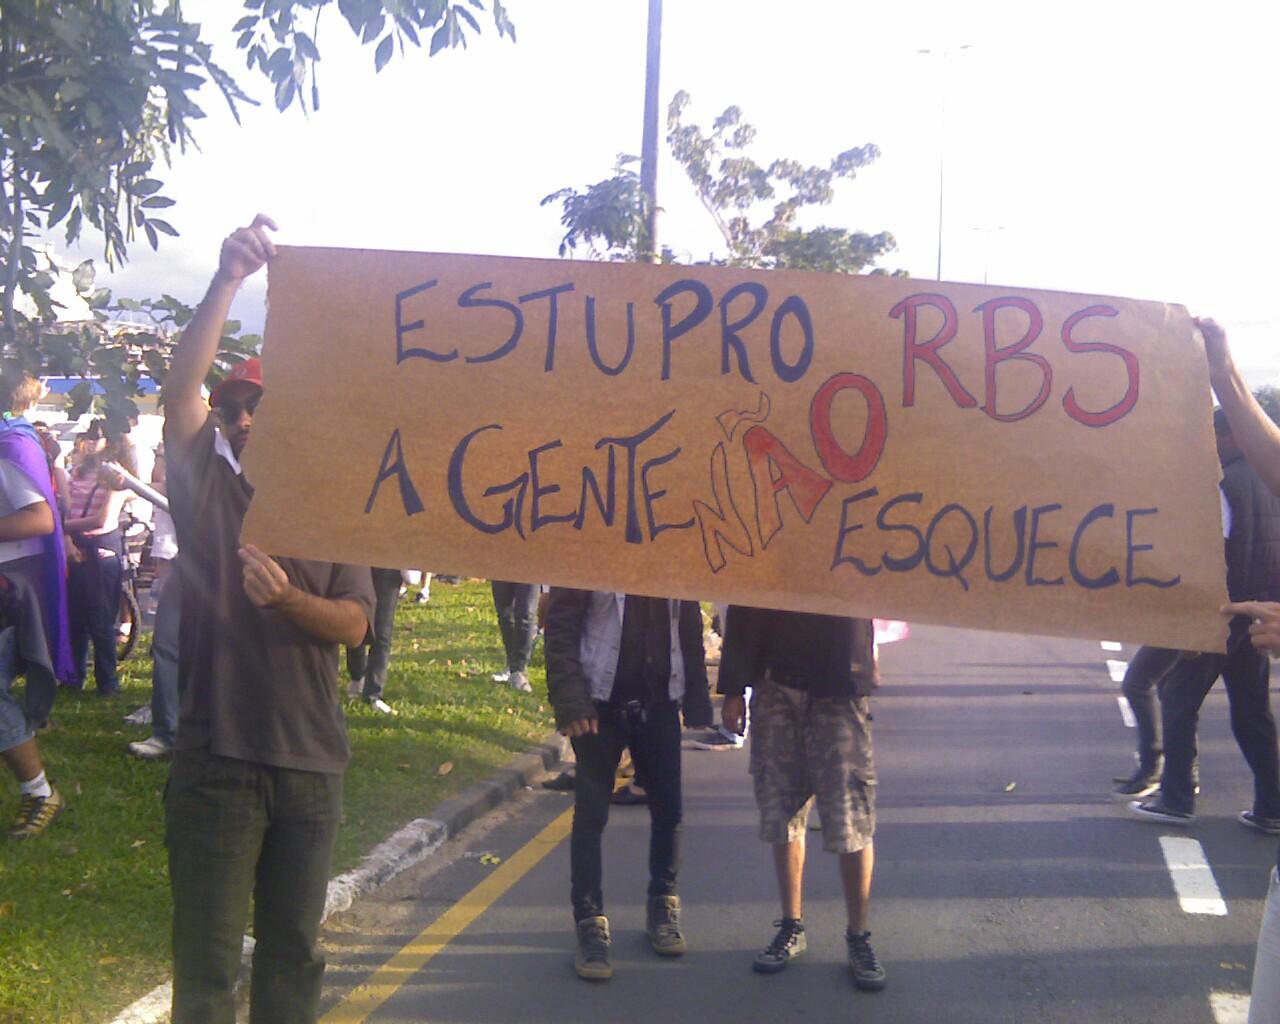 #MarchadaLiberdade em #Floripa #memória